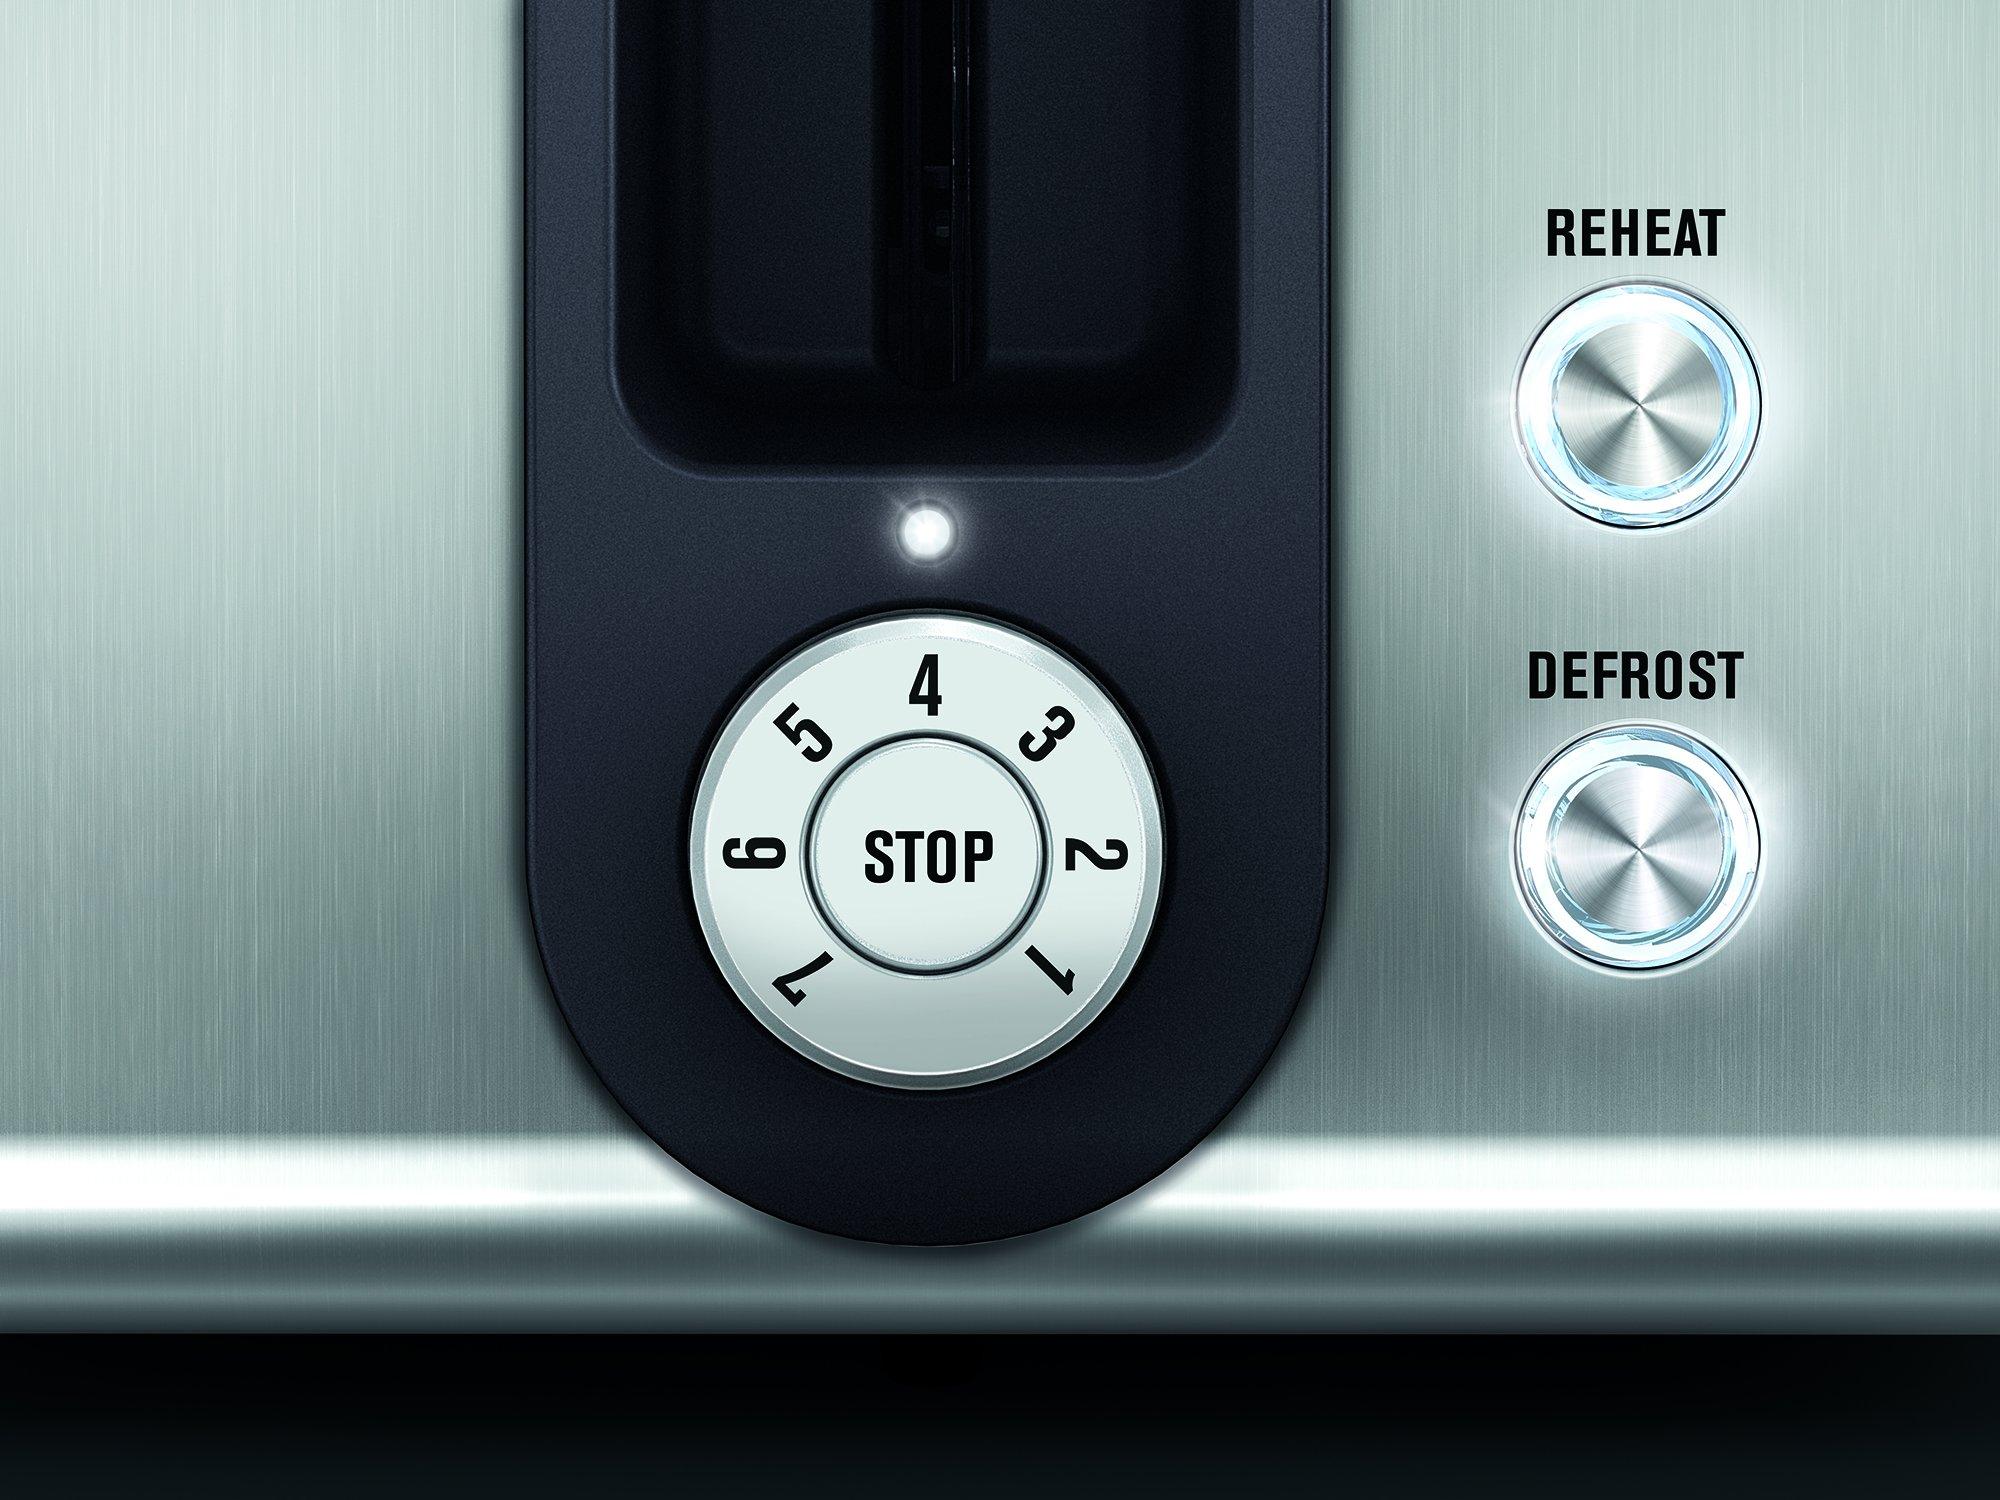 AEG-AT-7750-Premium-Line-7000Series-Toaster-7-Stufen-klappbar-entnehmbarer-Brtchenaufsatz-850-Watt-Stopp-Auftau-und-Aufwrmfunktion-Silber